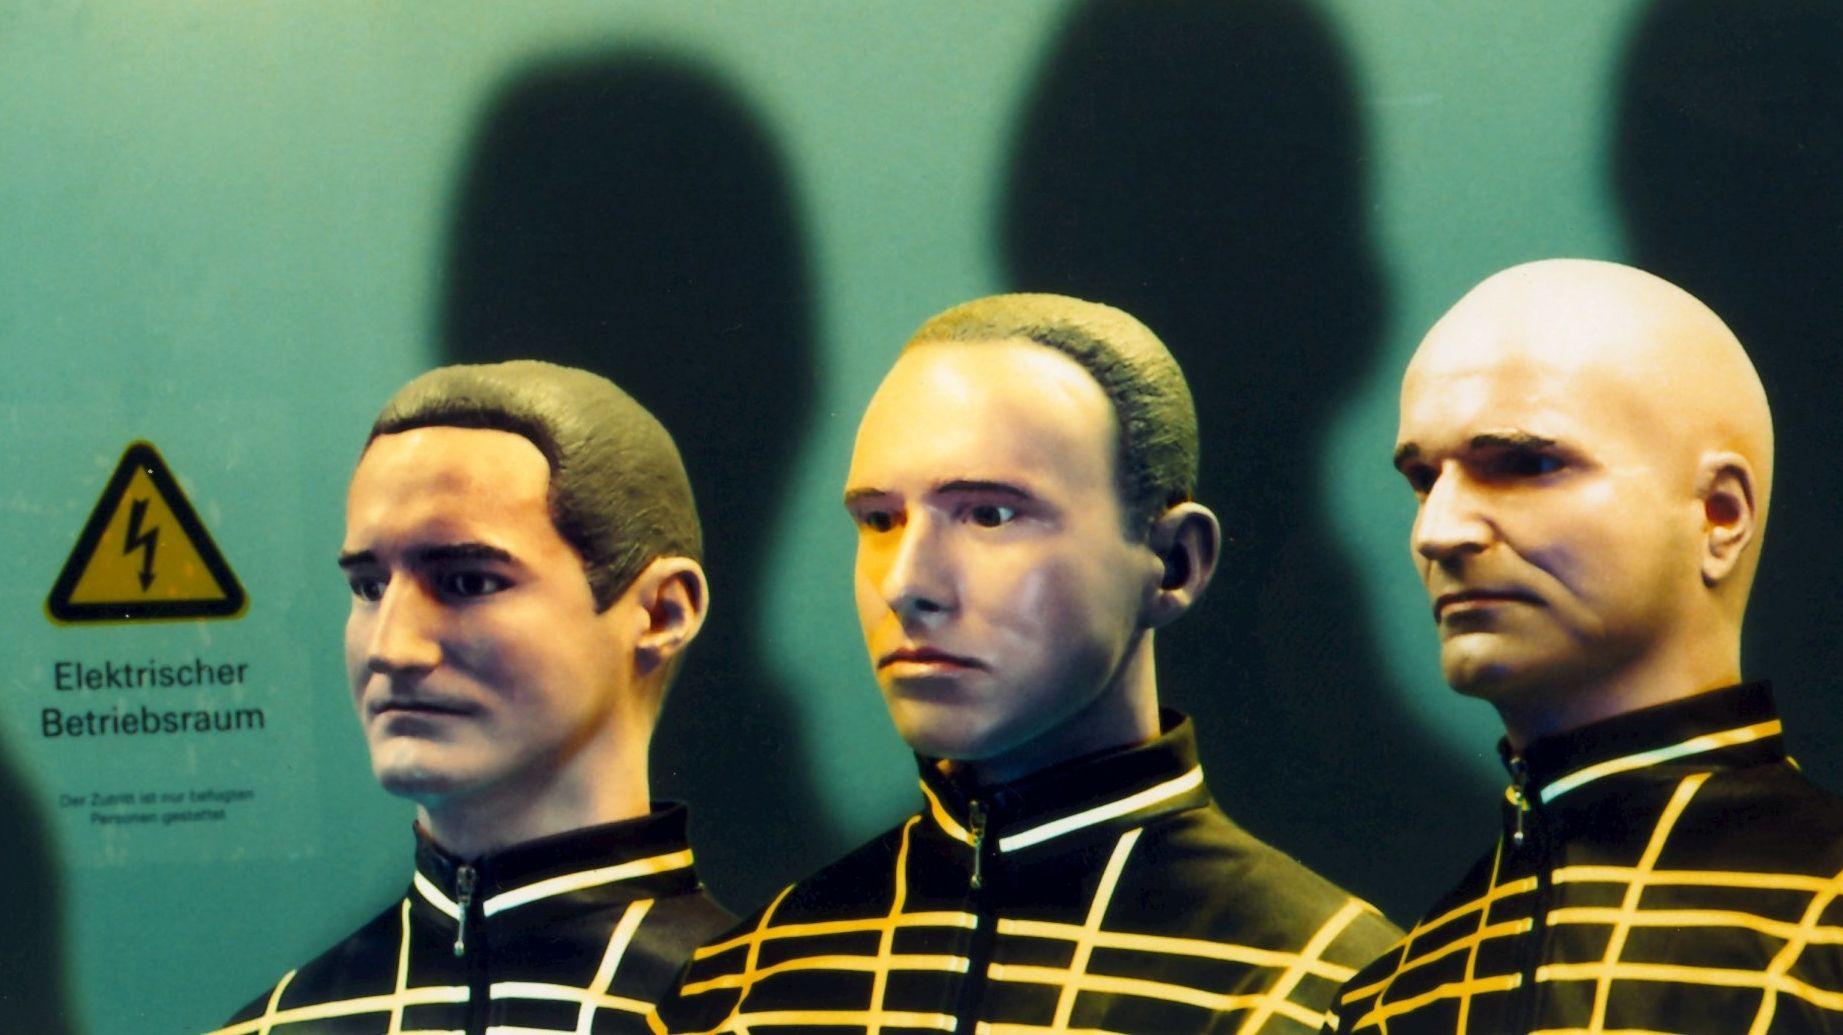 Elegant und markant, selbst in Puppengestalt: Florian Schneider-Esleben (ganz rechts) und zwei weitere Kraftwerk-Mitglieder als Bühnenfiguren